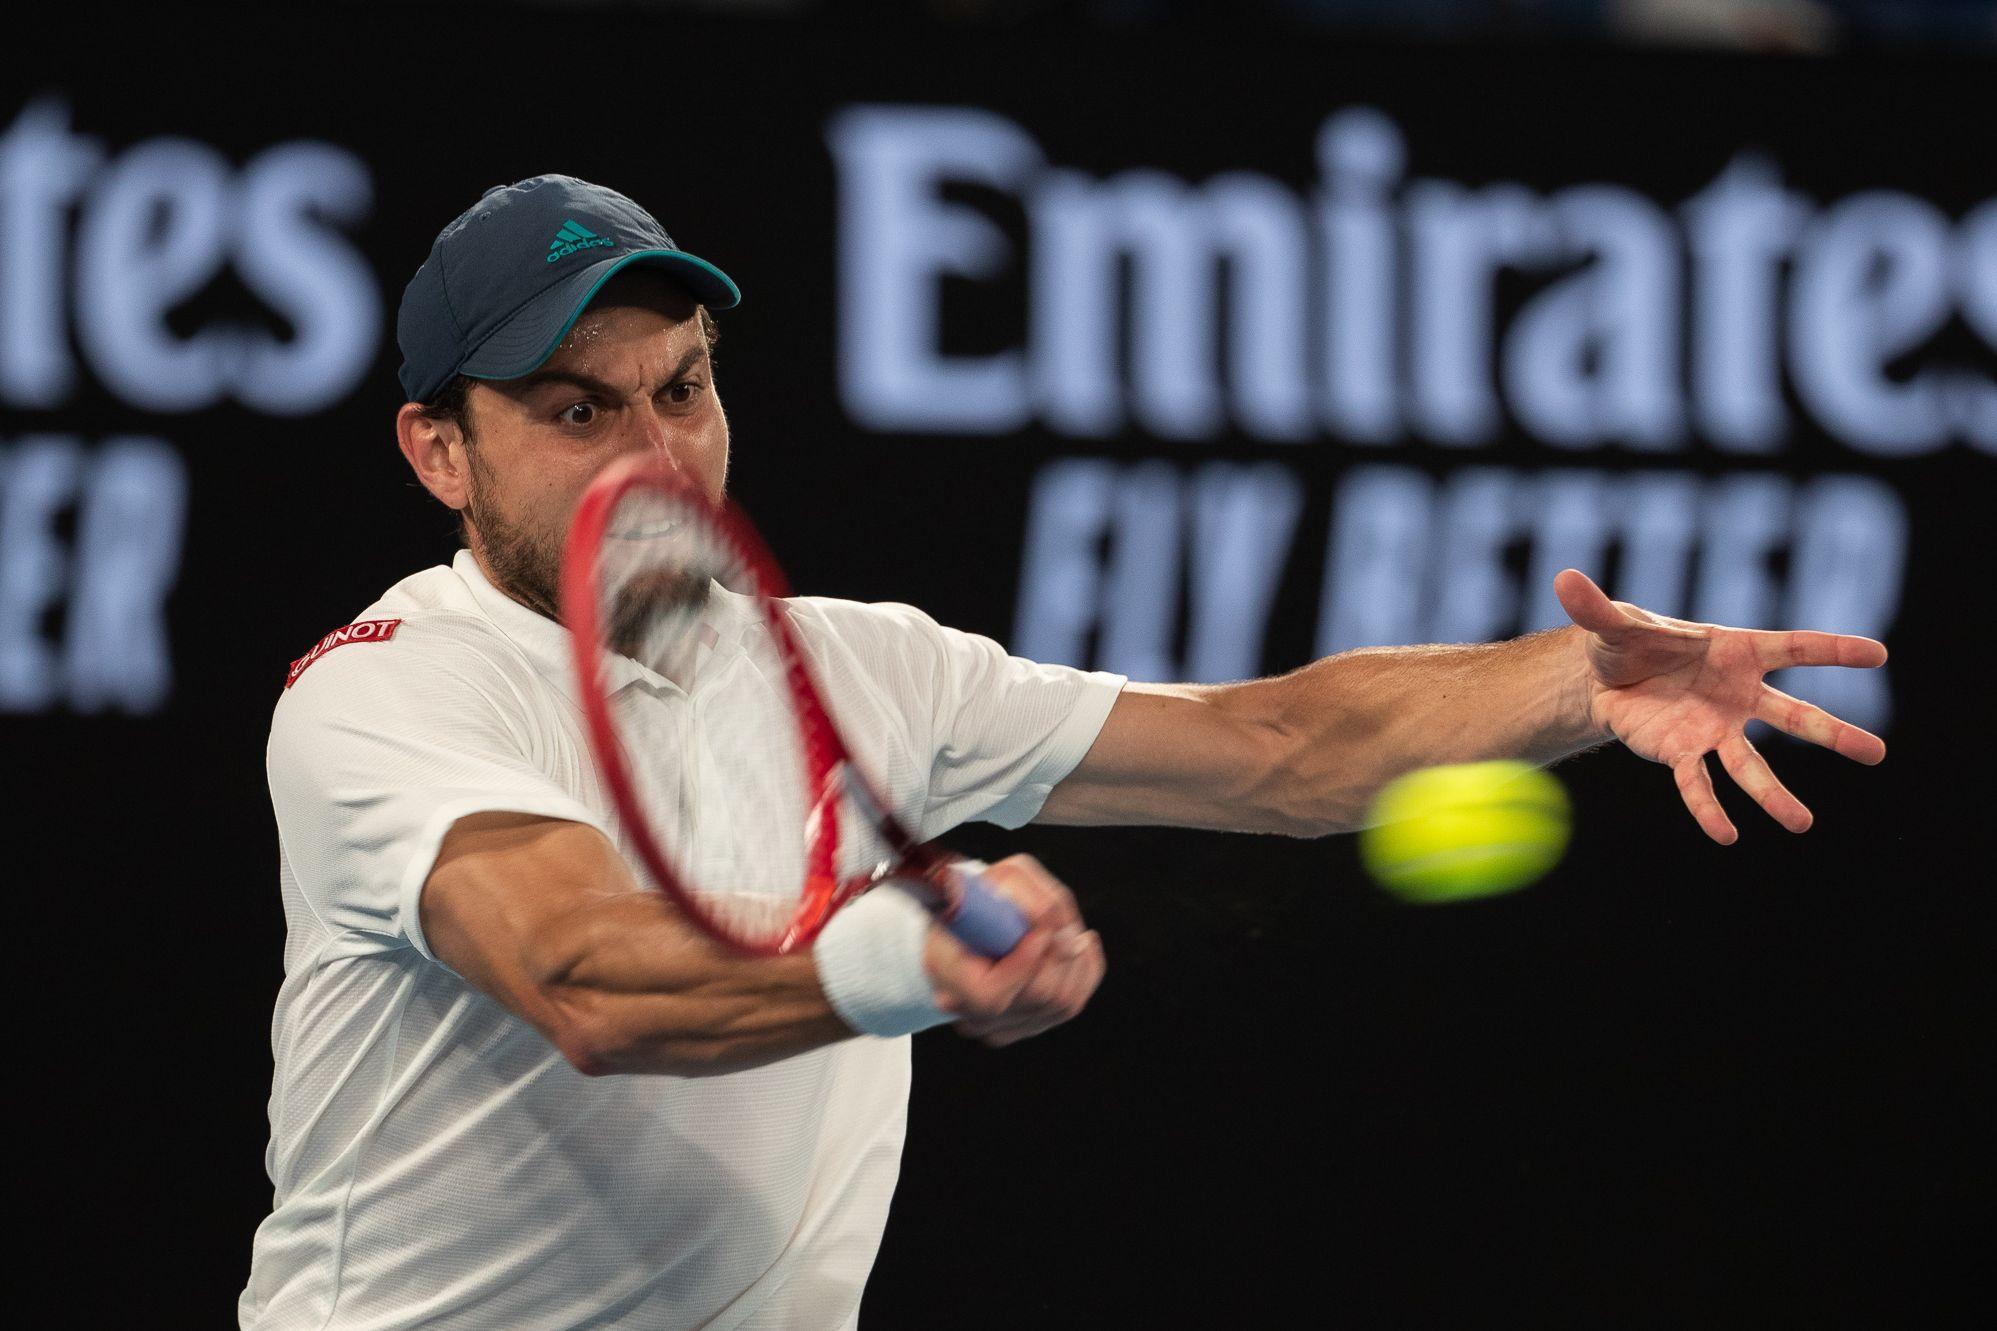 Отец Карацева: 'Вопрос оставить теннис никогда не поднимался'